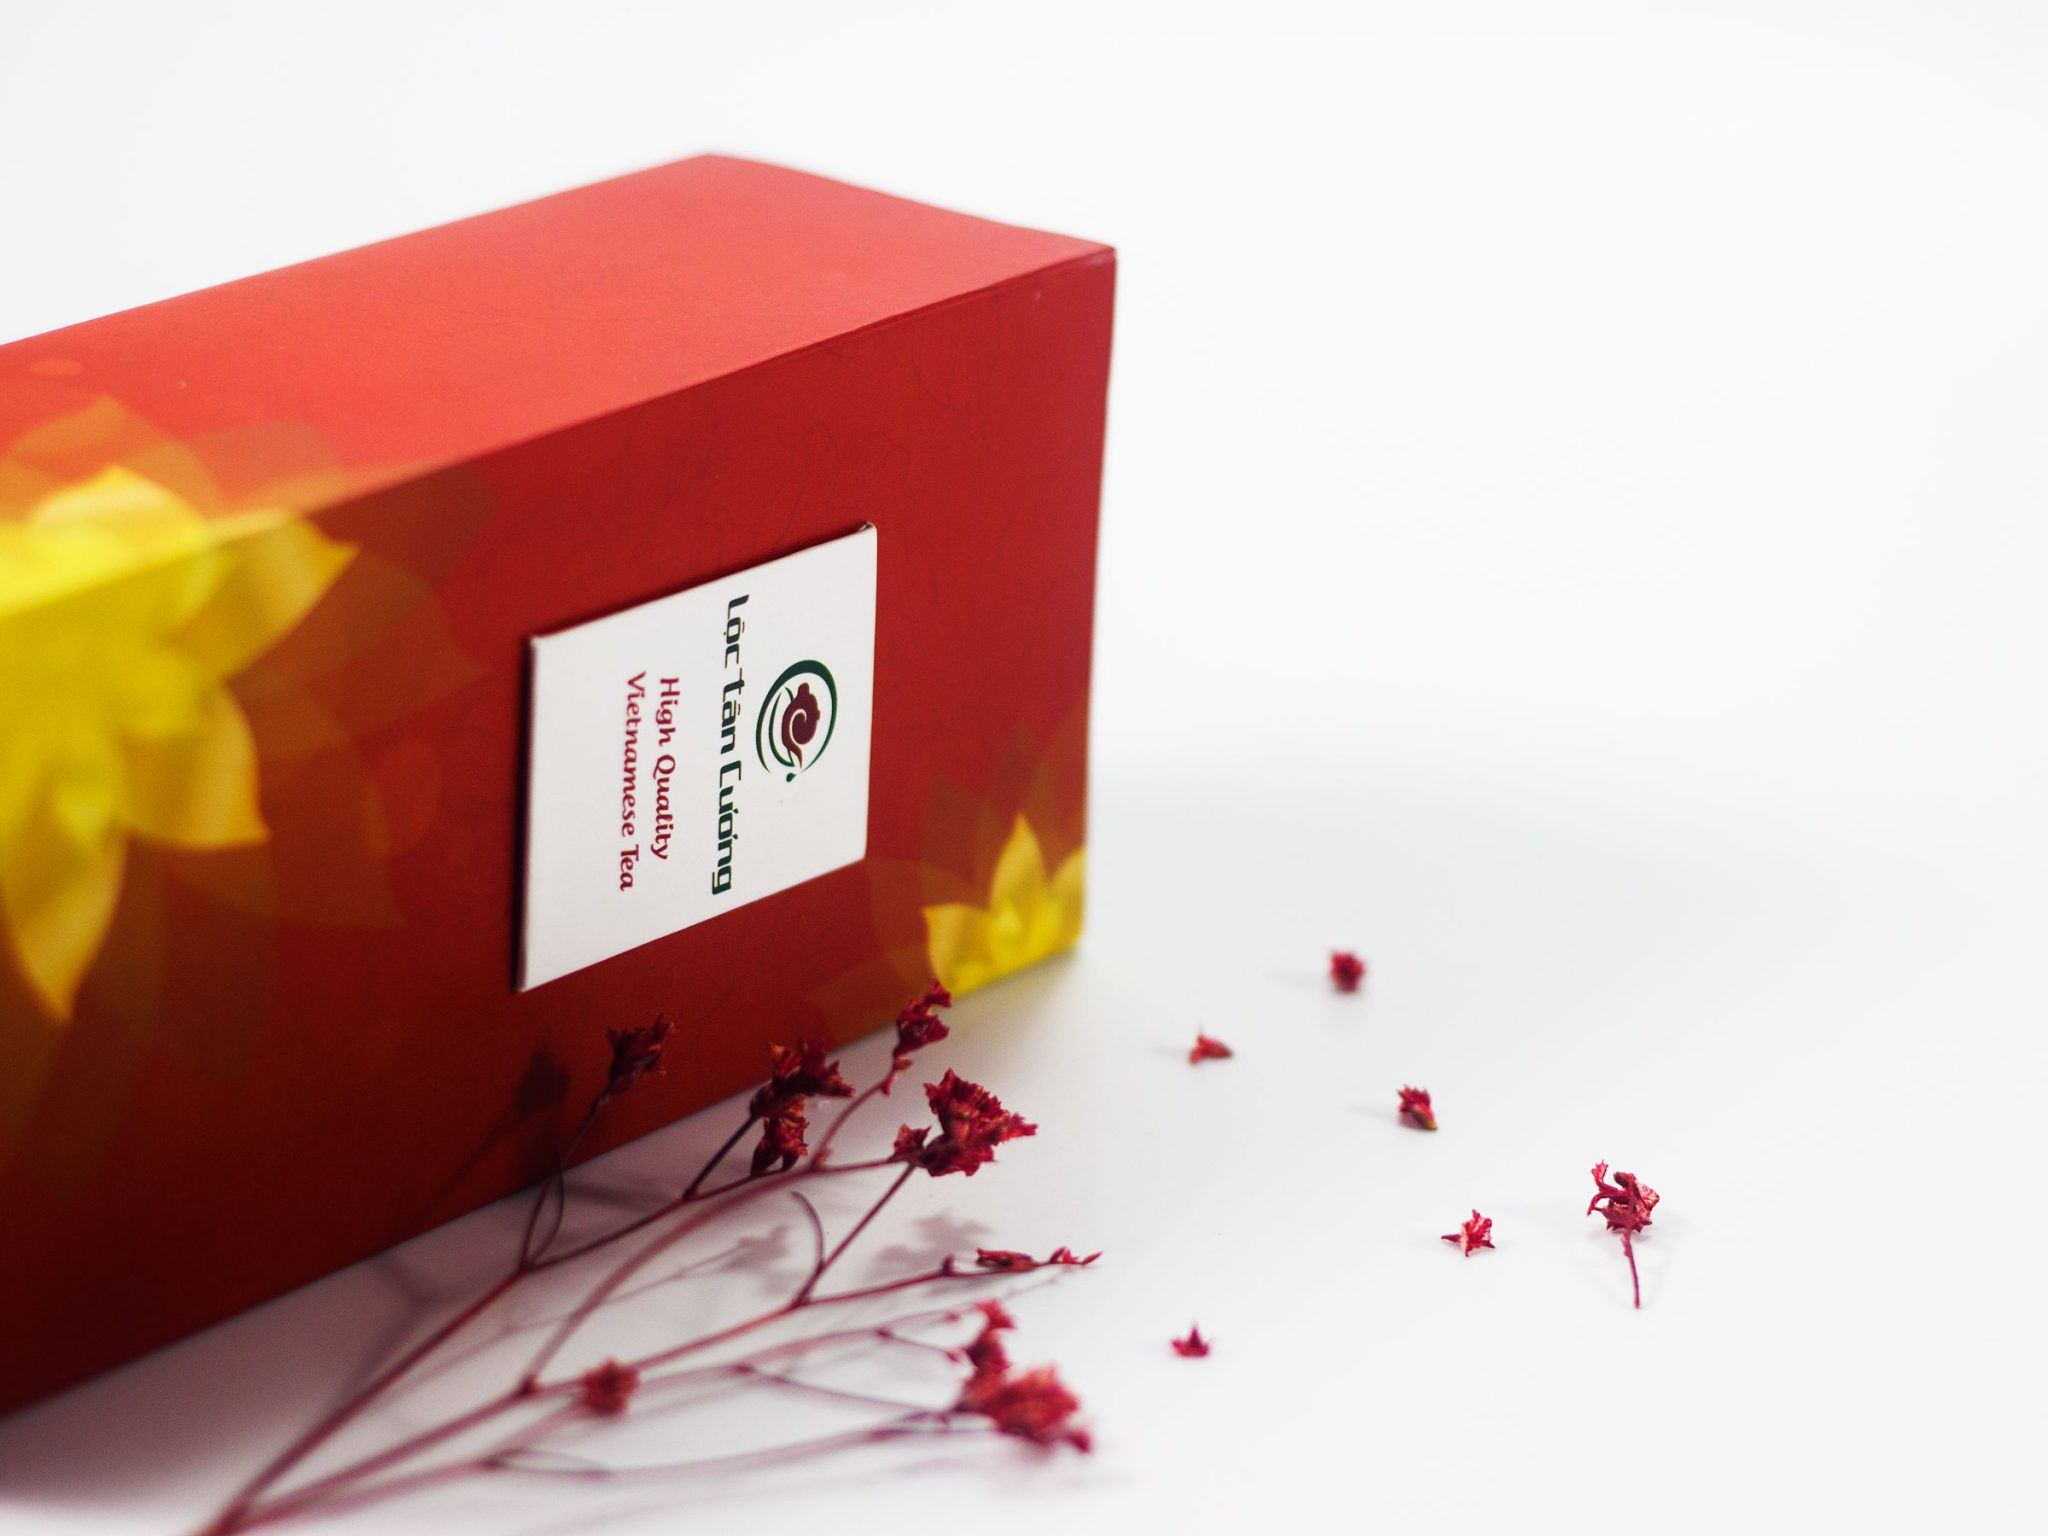 trà sen sẽ là món quà ý nghĩa cho những dịp quan trọng